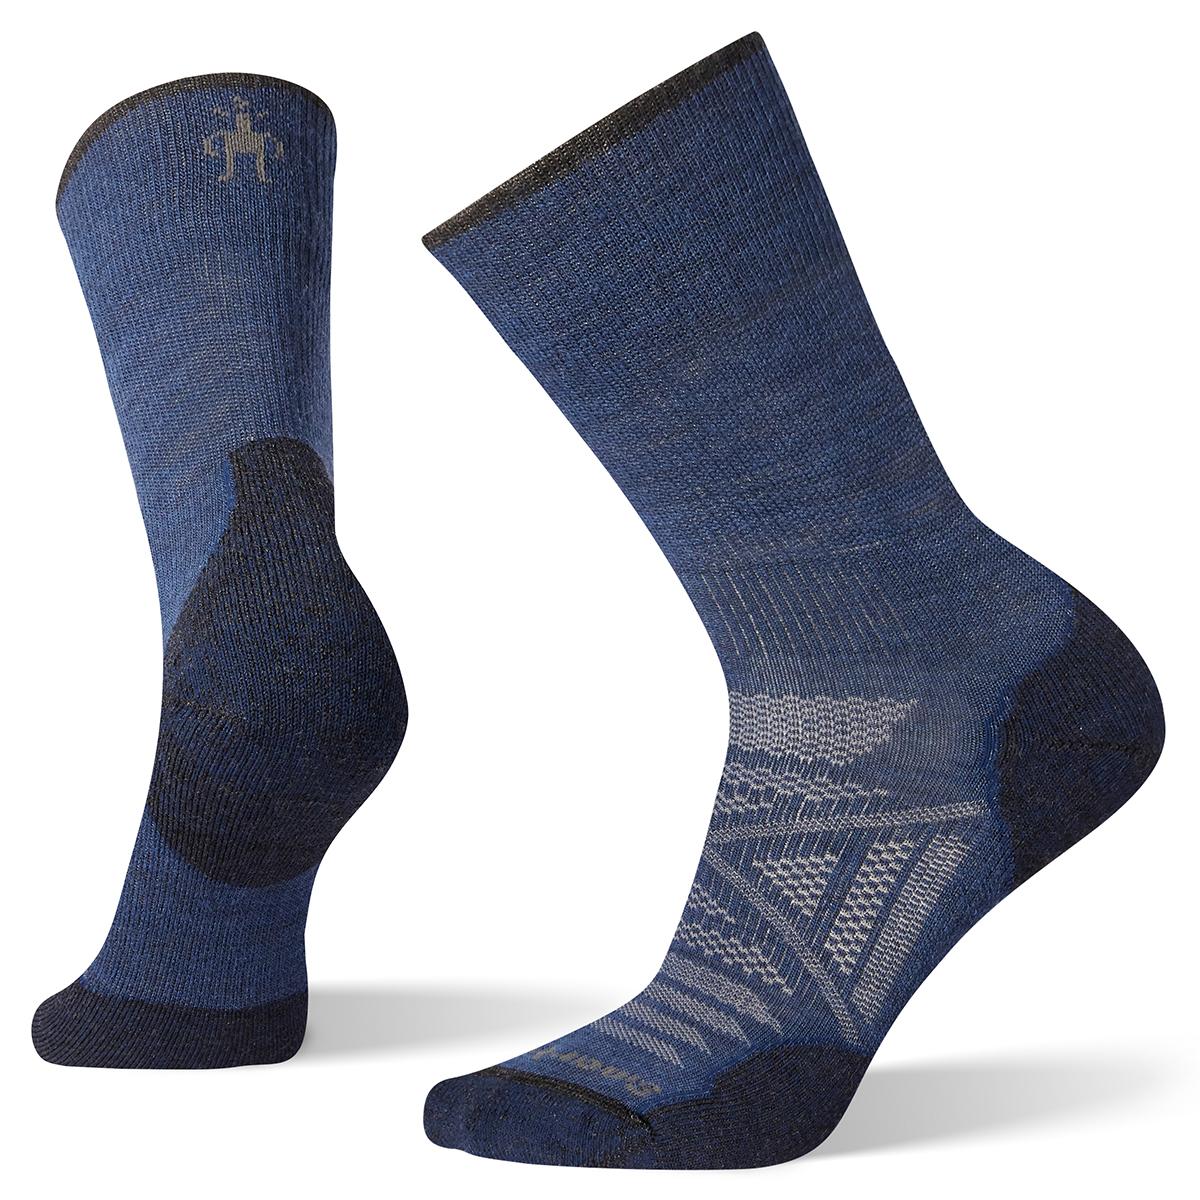 Smartwool Men's Phd Outdoor Light Mid Crew Socks - Blue, M